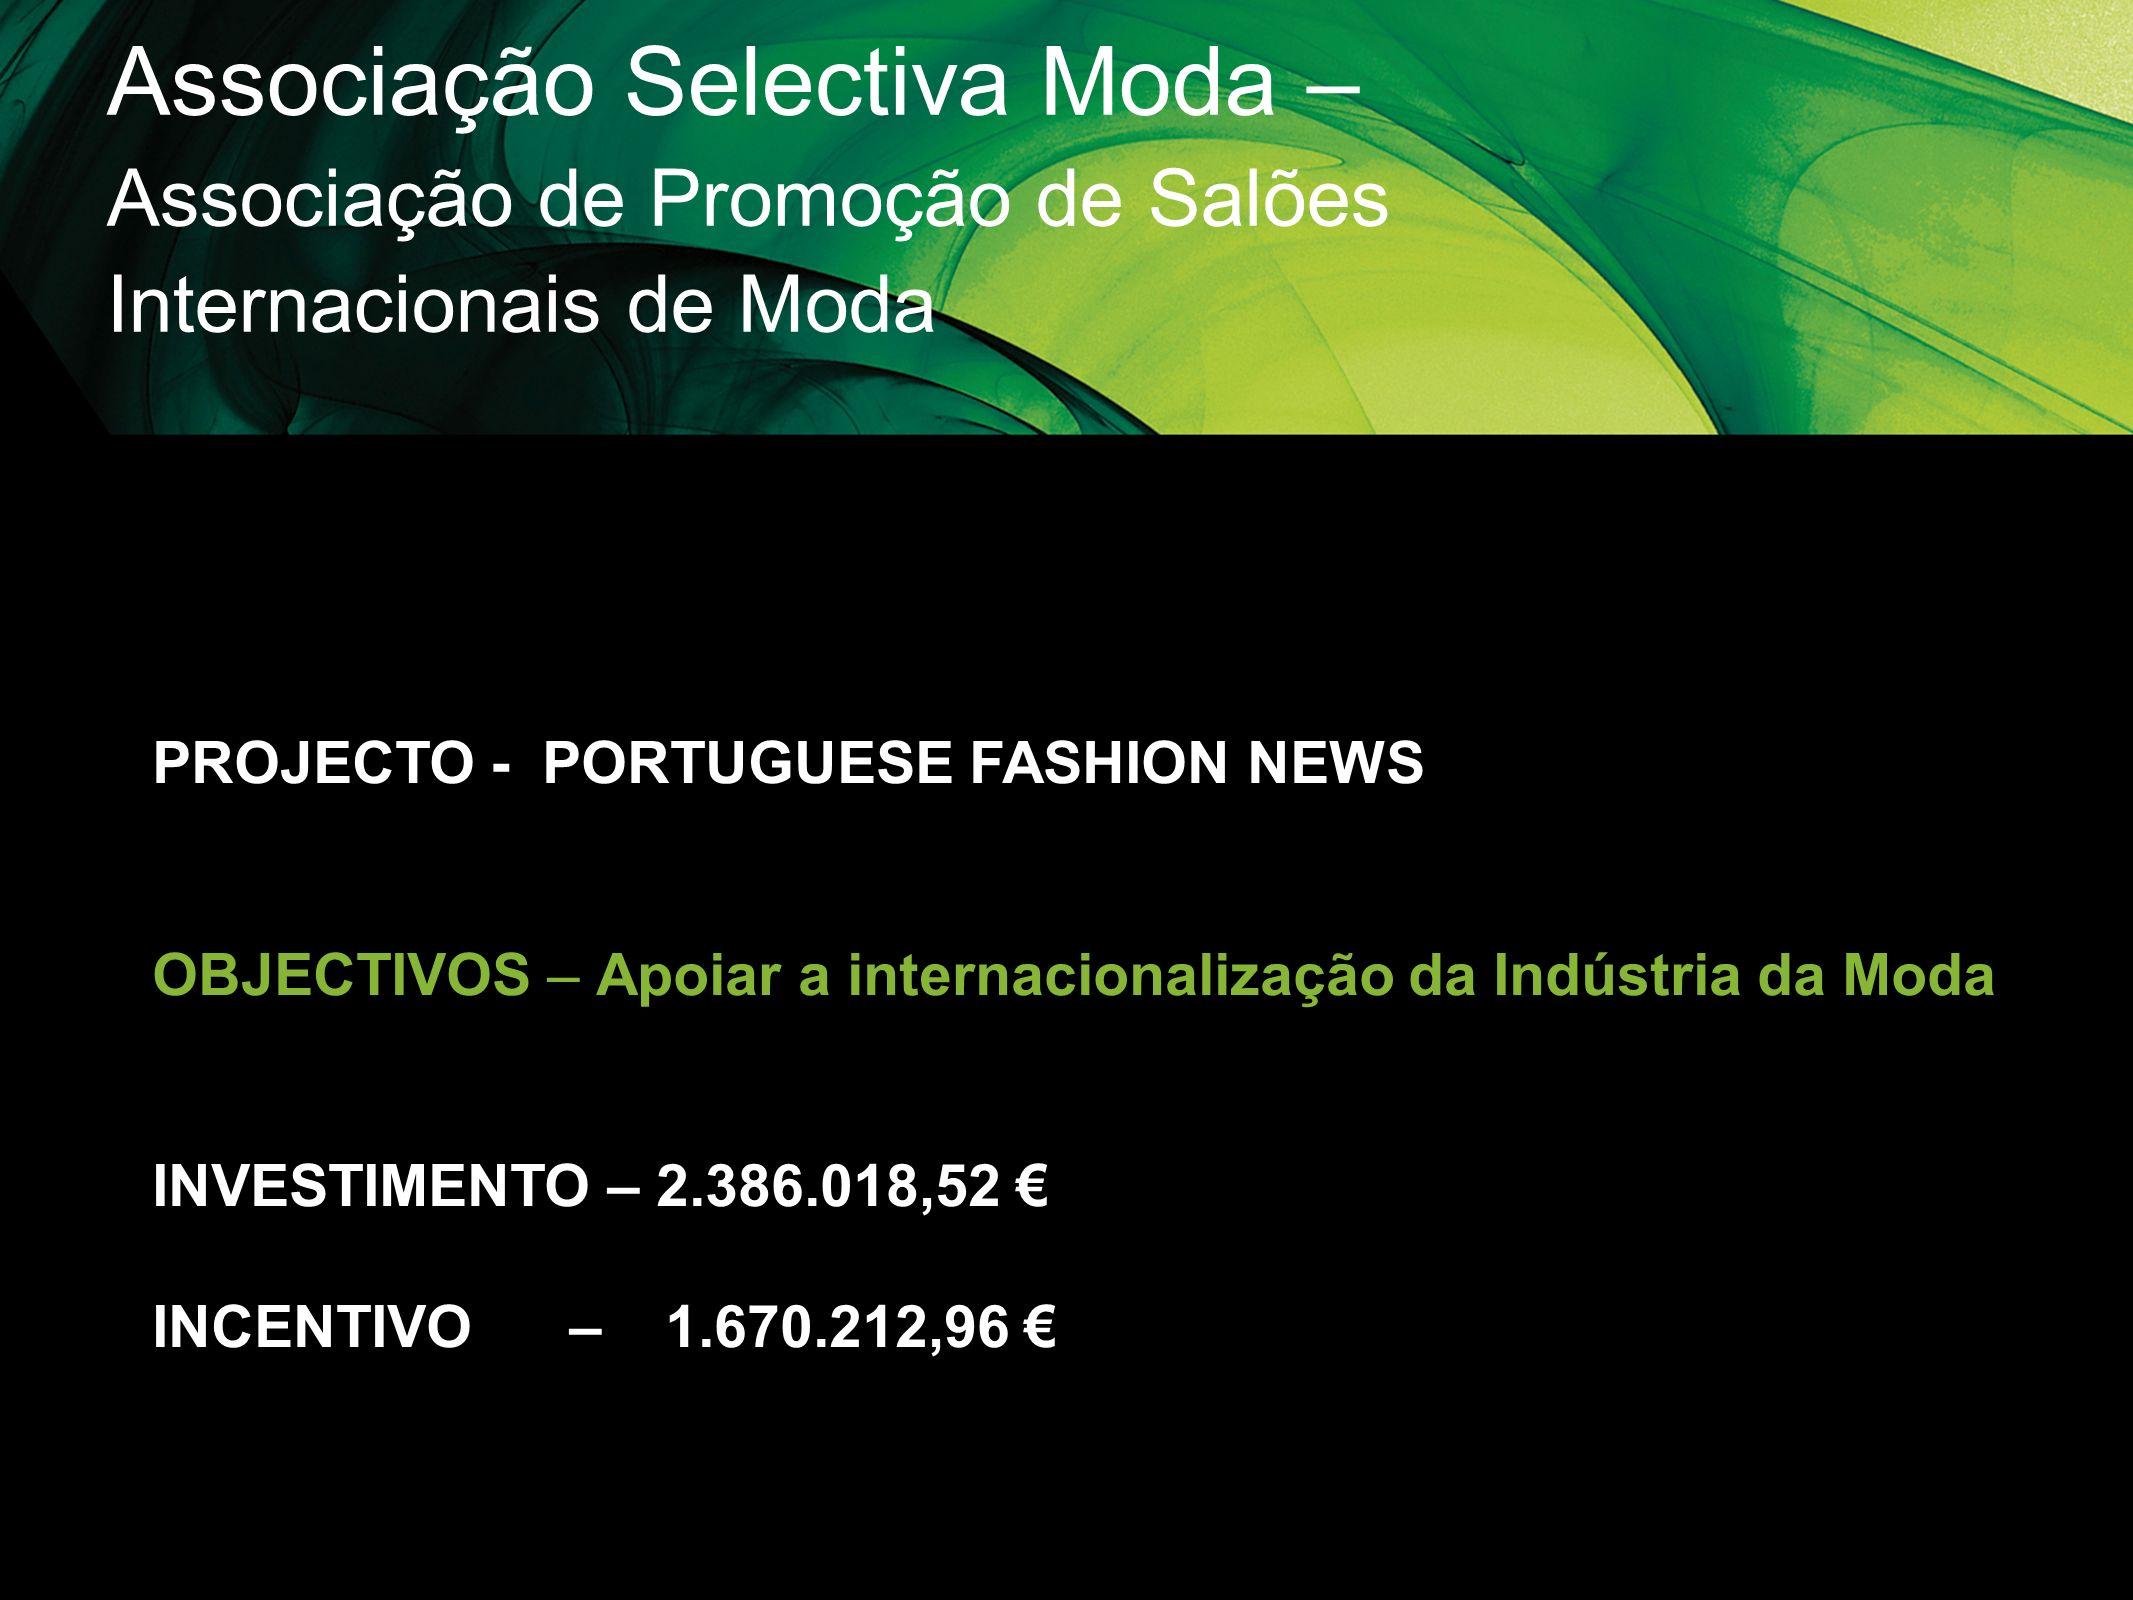 Associação Selectiva Moda – Associação de Promoção de Salões Internacionais de Moda